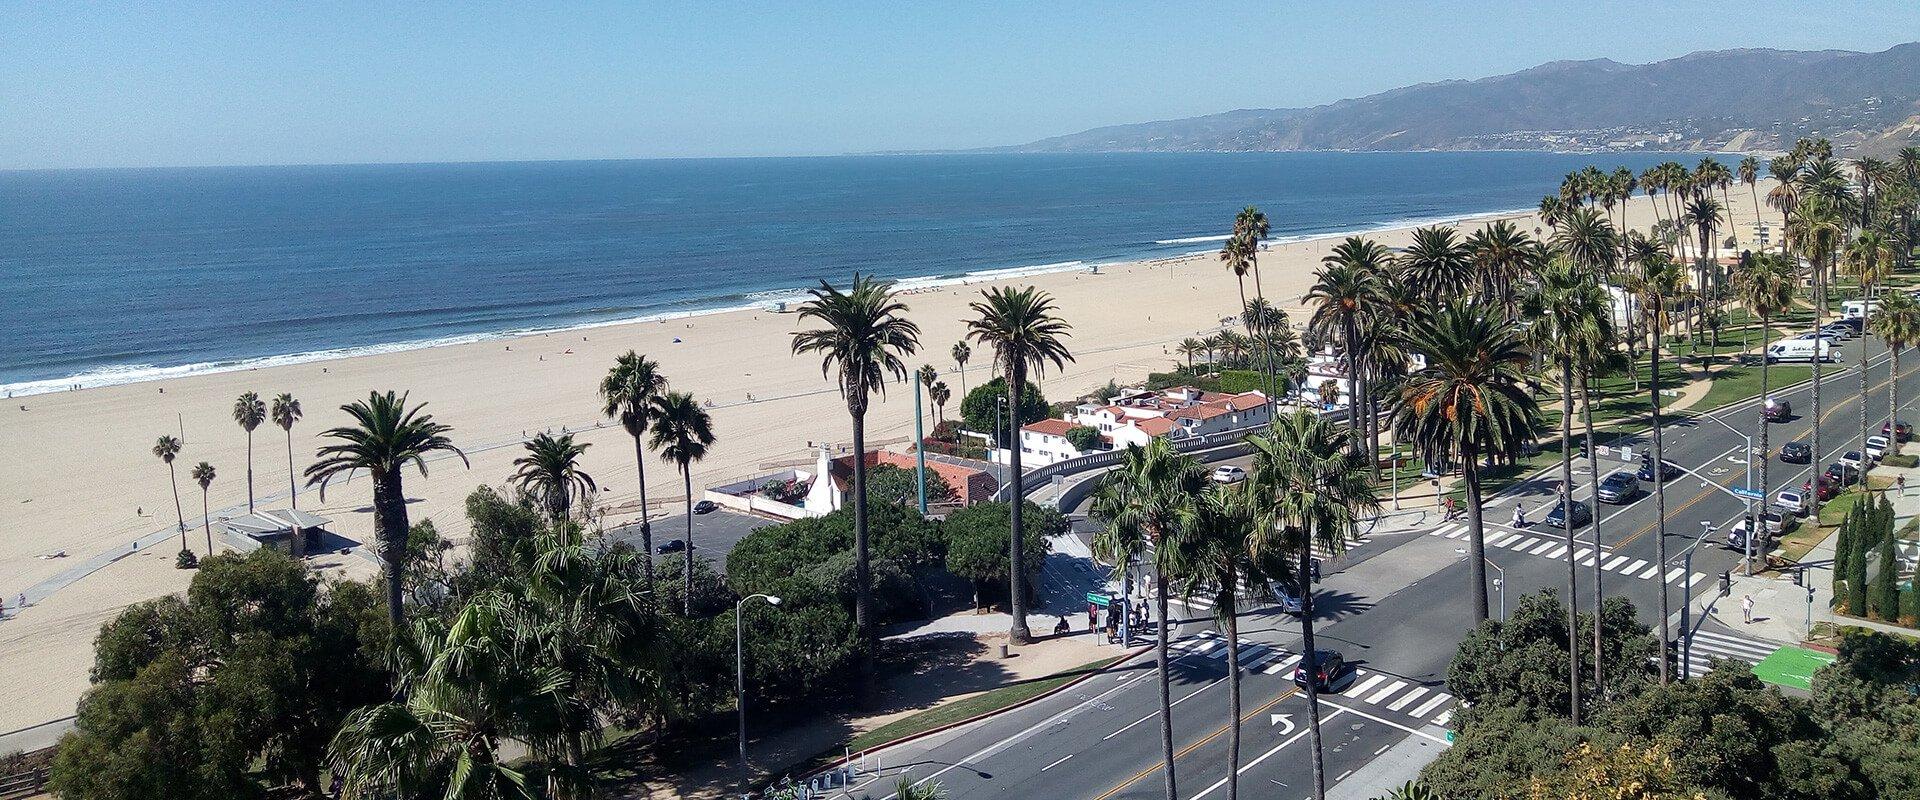 Эксупсия по Лос-Анжелесу на 5 часов